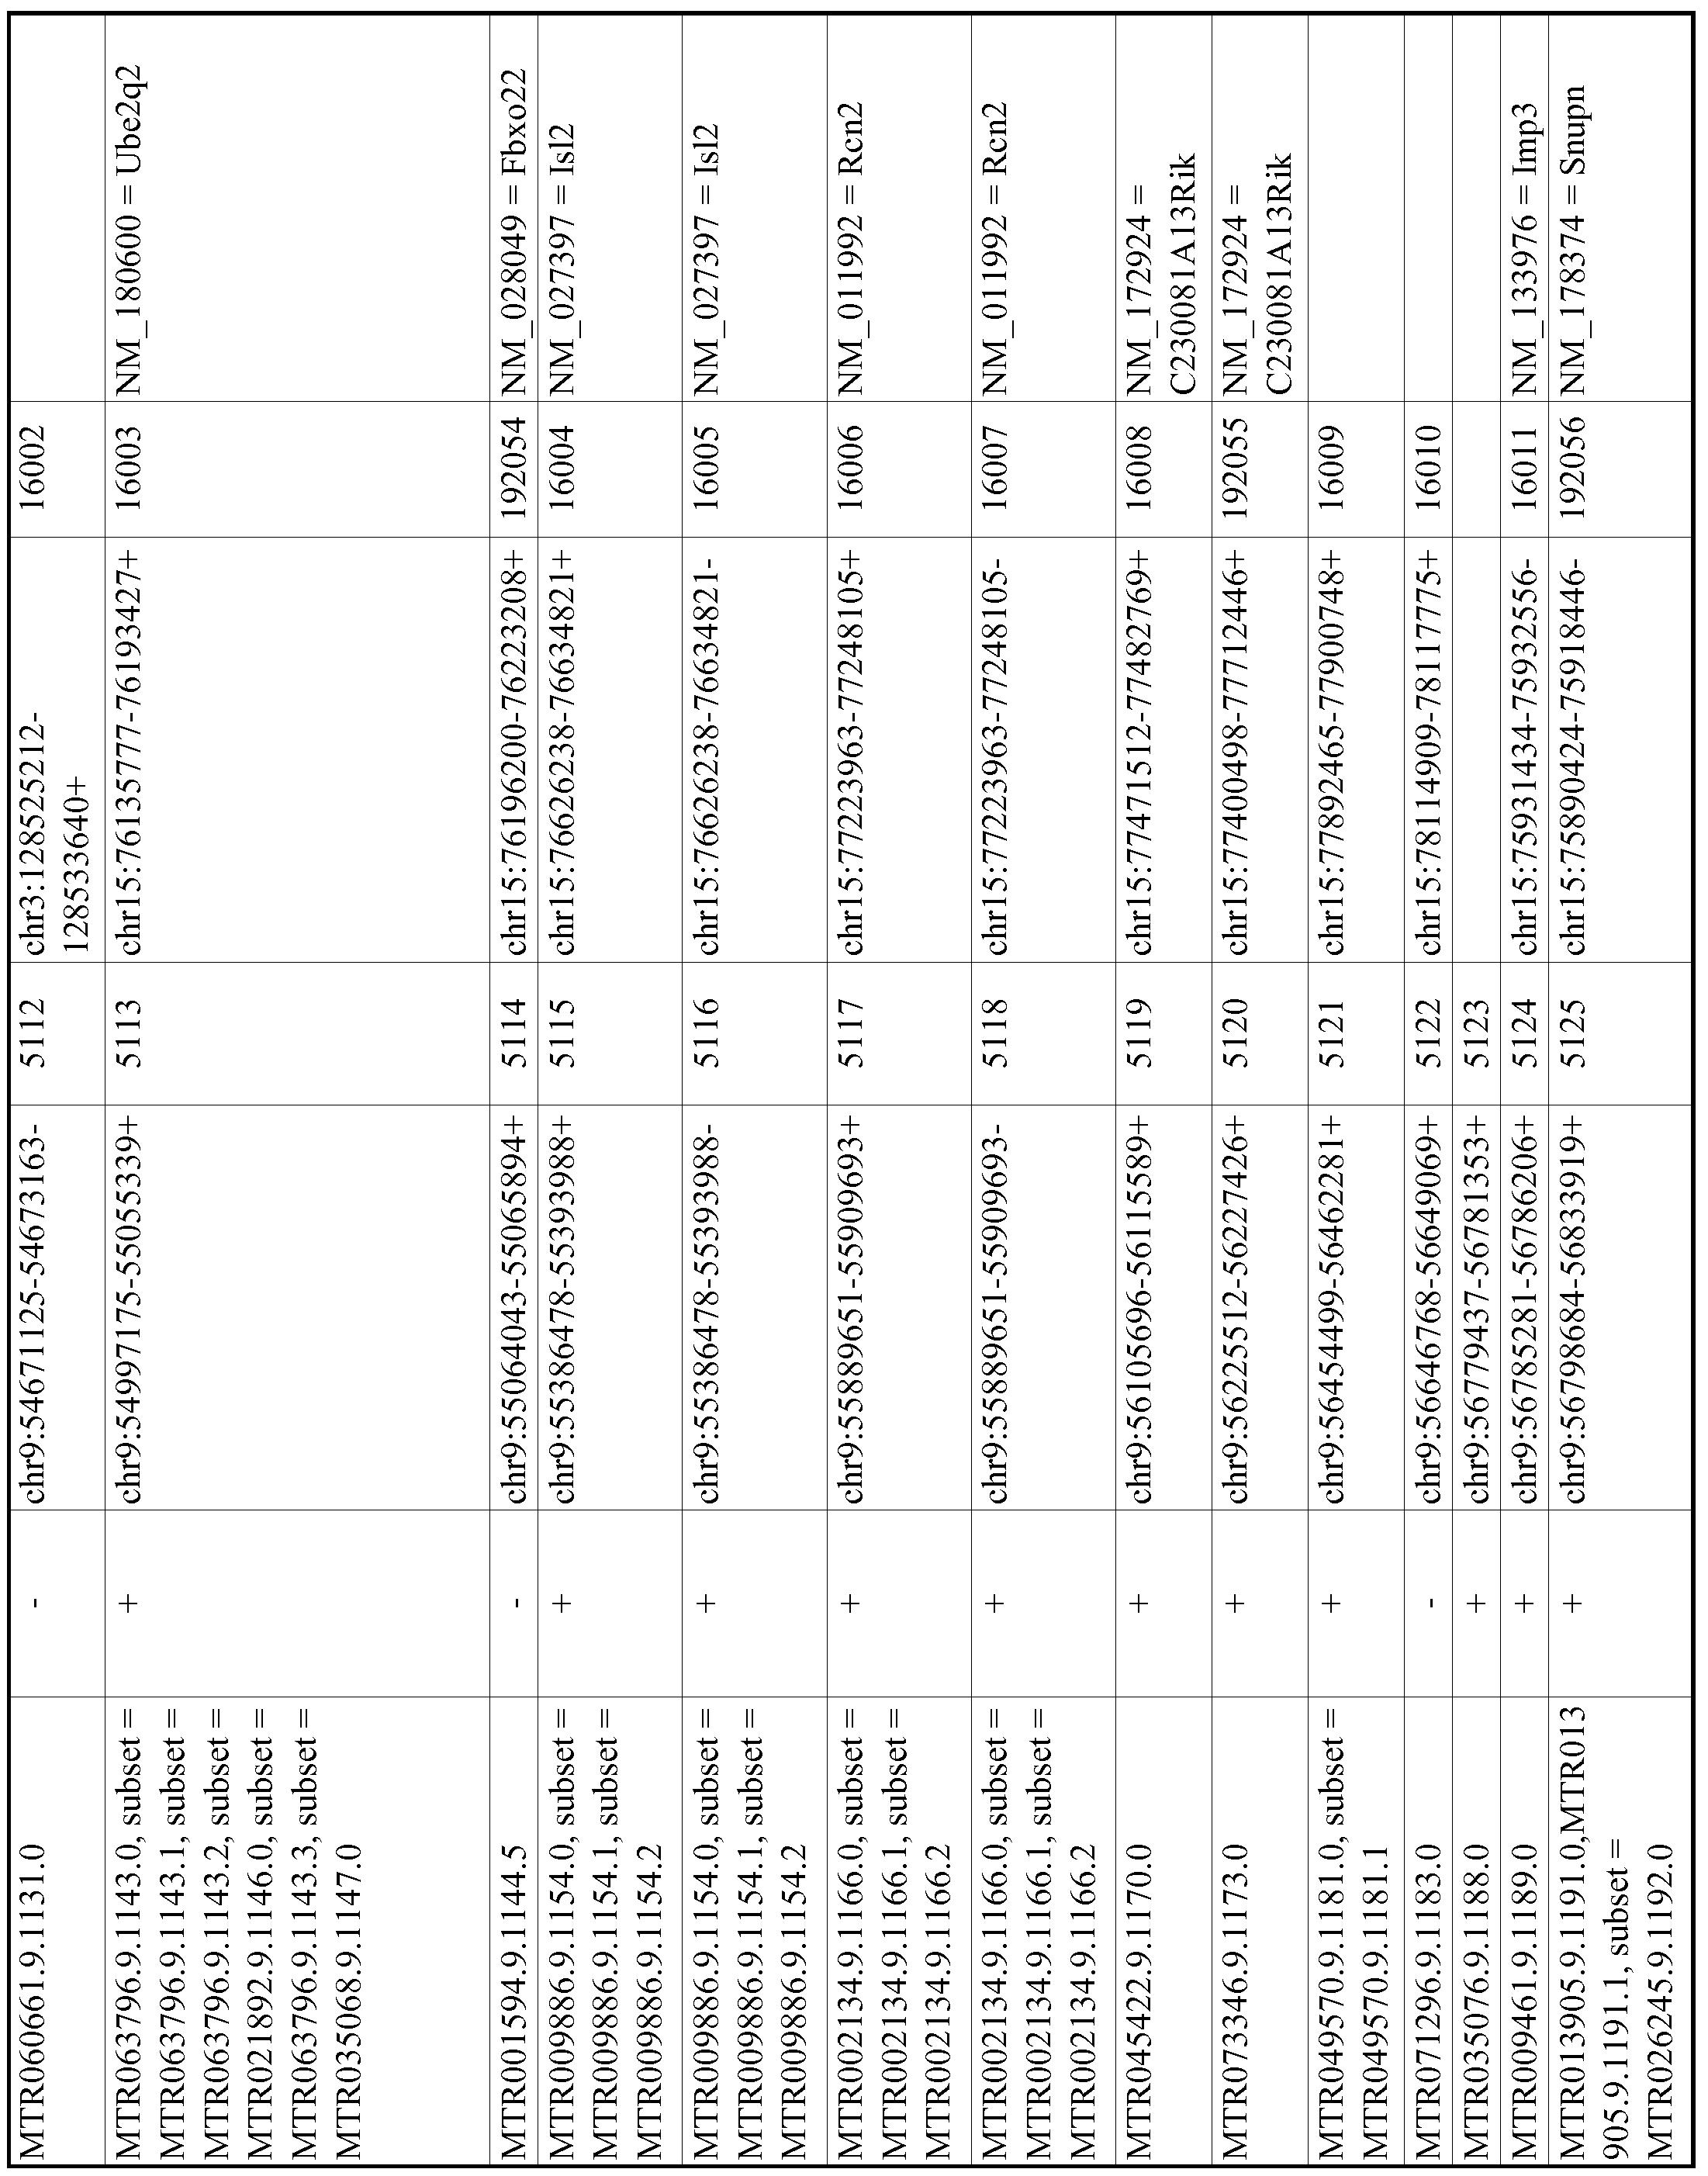 Figure imgf000933_0001